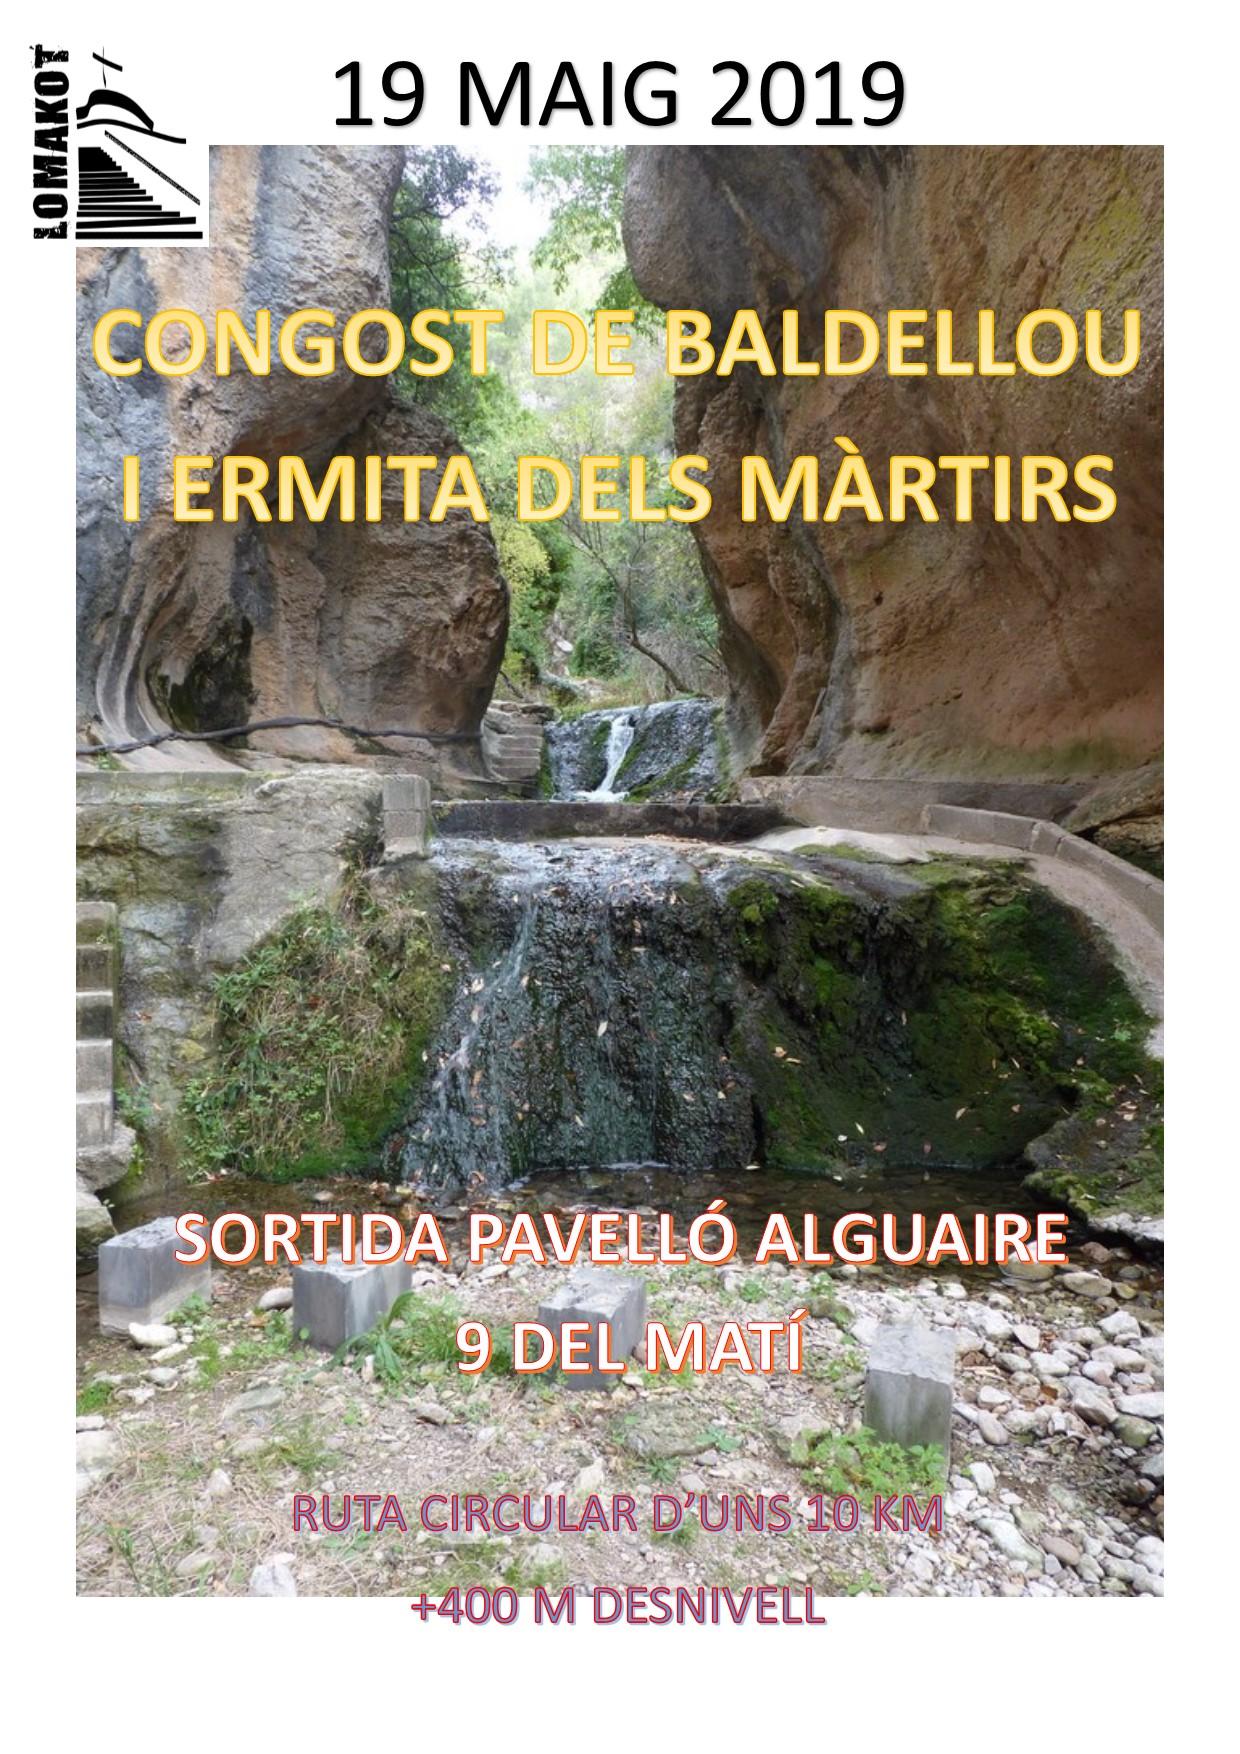 19/05/19 SORTIDA CONGOST DE BALDELLOU I ERMITA DELS MÀRTIRS